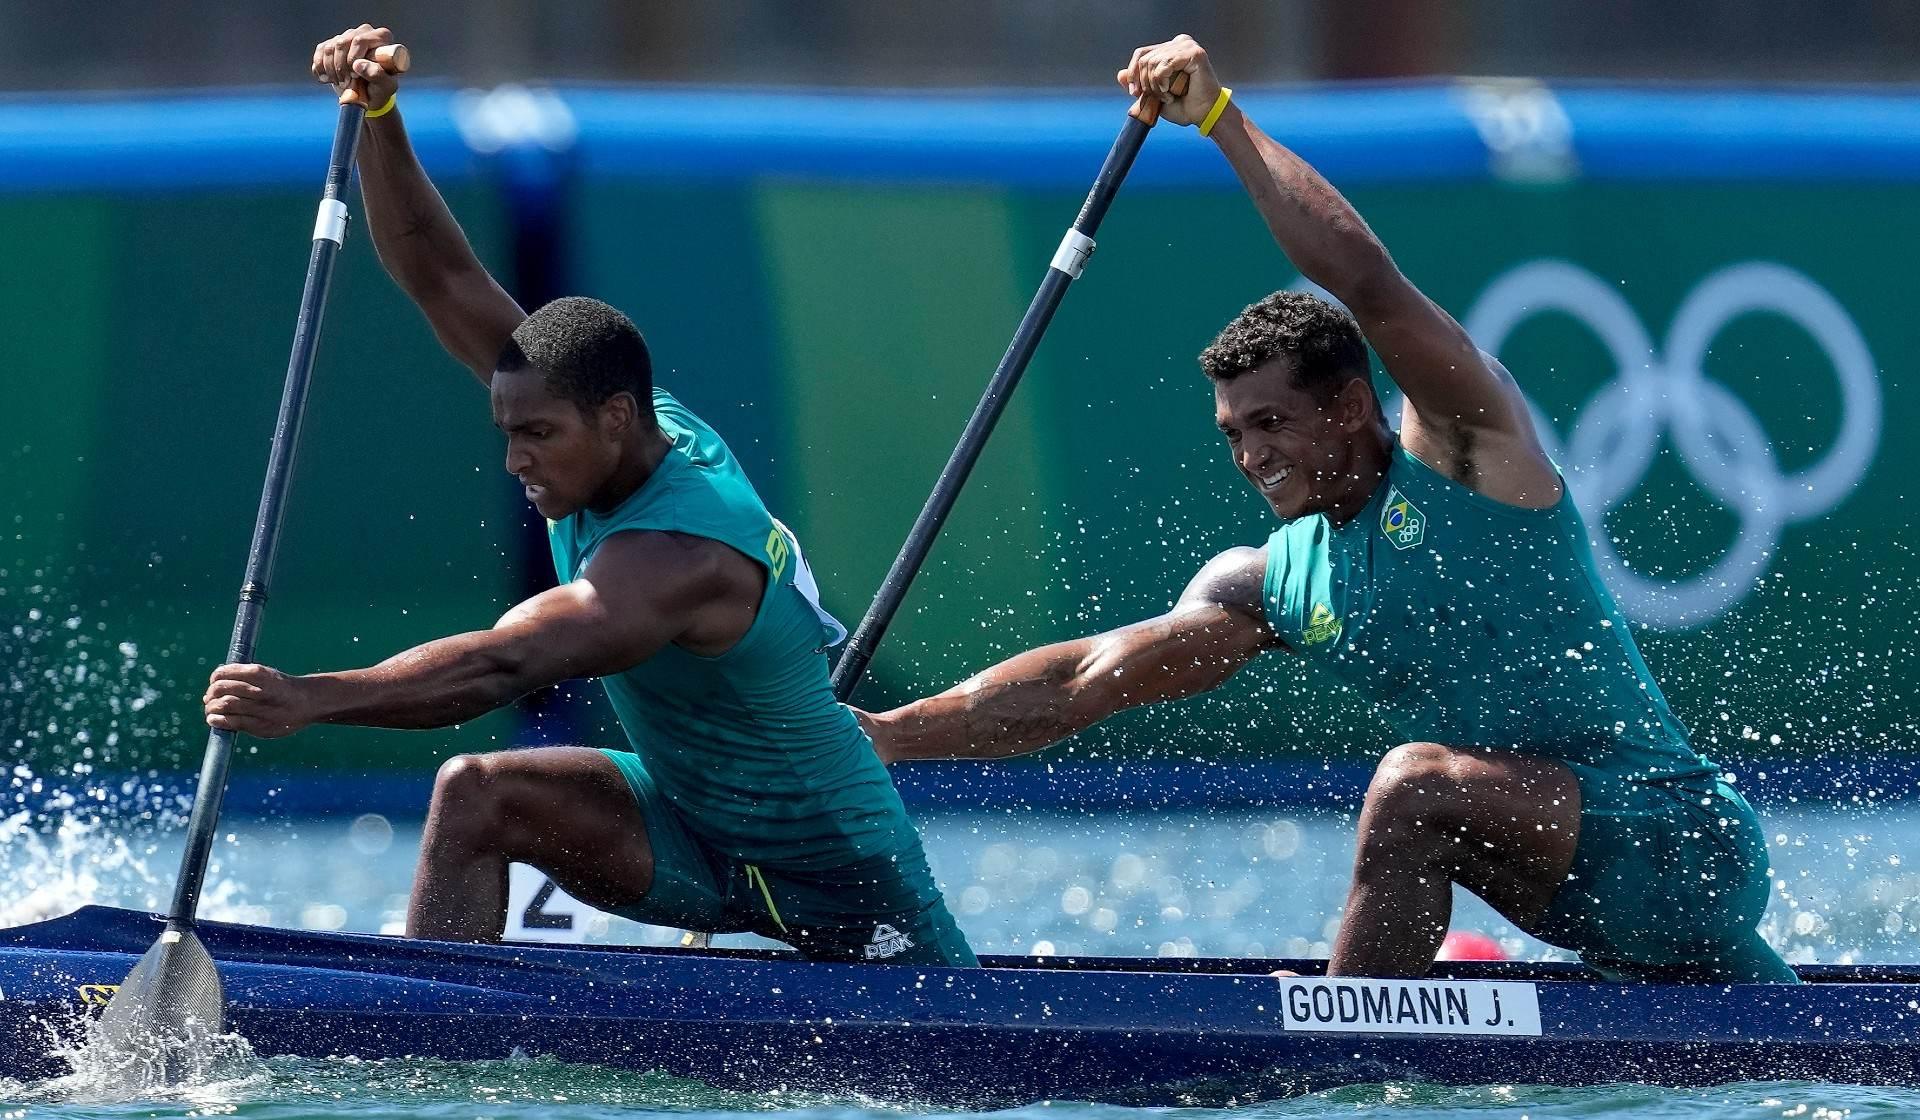 Jacky Godmann e Isaquias Queiroz na semifinal da canoagem, em Tóquio